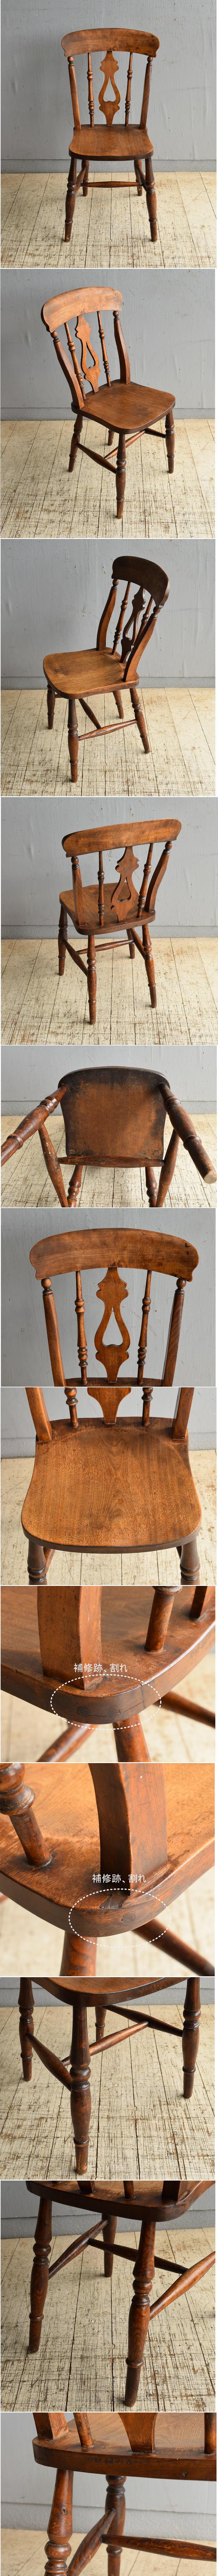 イギリス アンティーク家具 キッチンチェア 椅子 8701